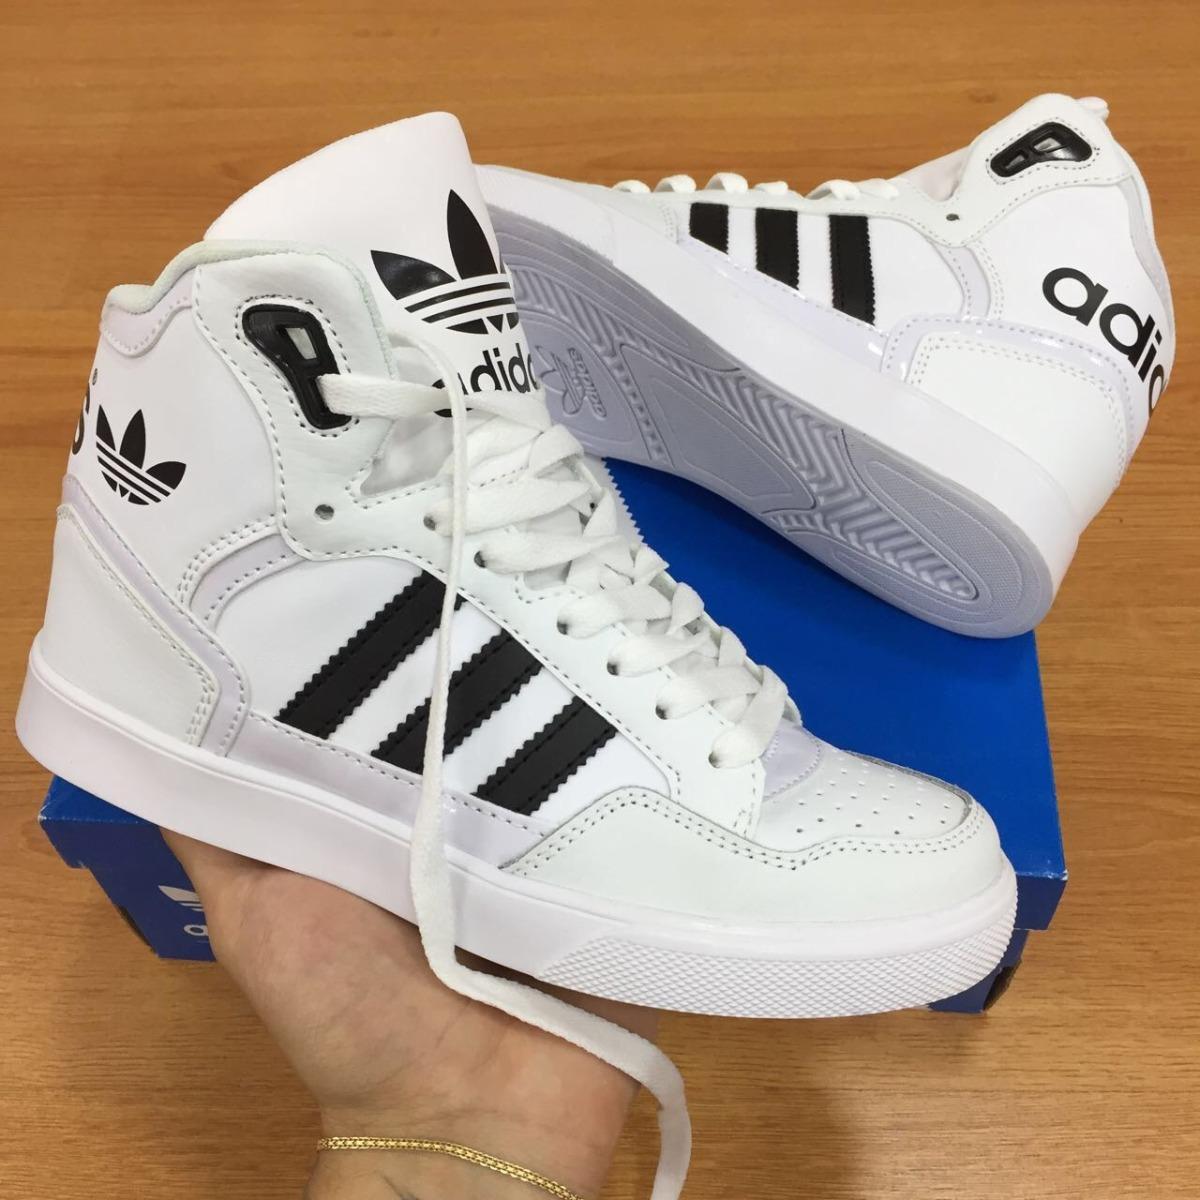 promoción excepcional gama de estilos y colores primera vista Tenis Zapatillas adidas Botas Extraball Jk Dic Para Dama